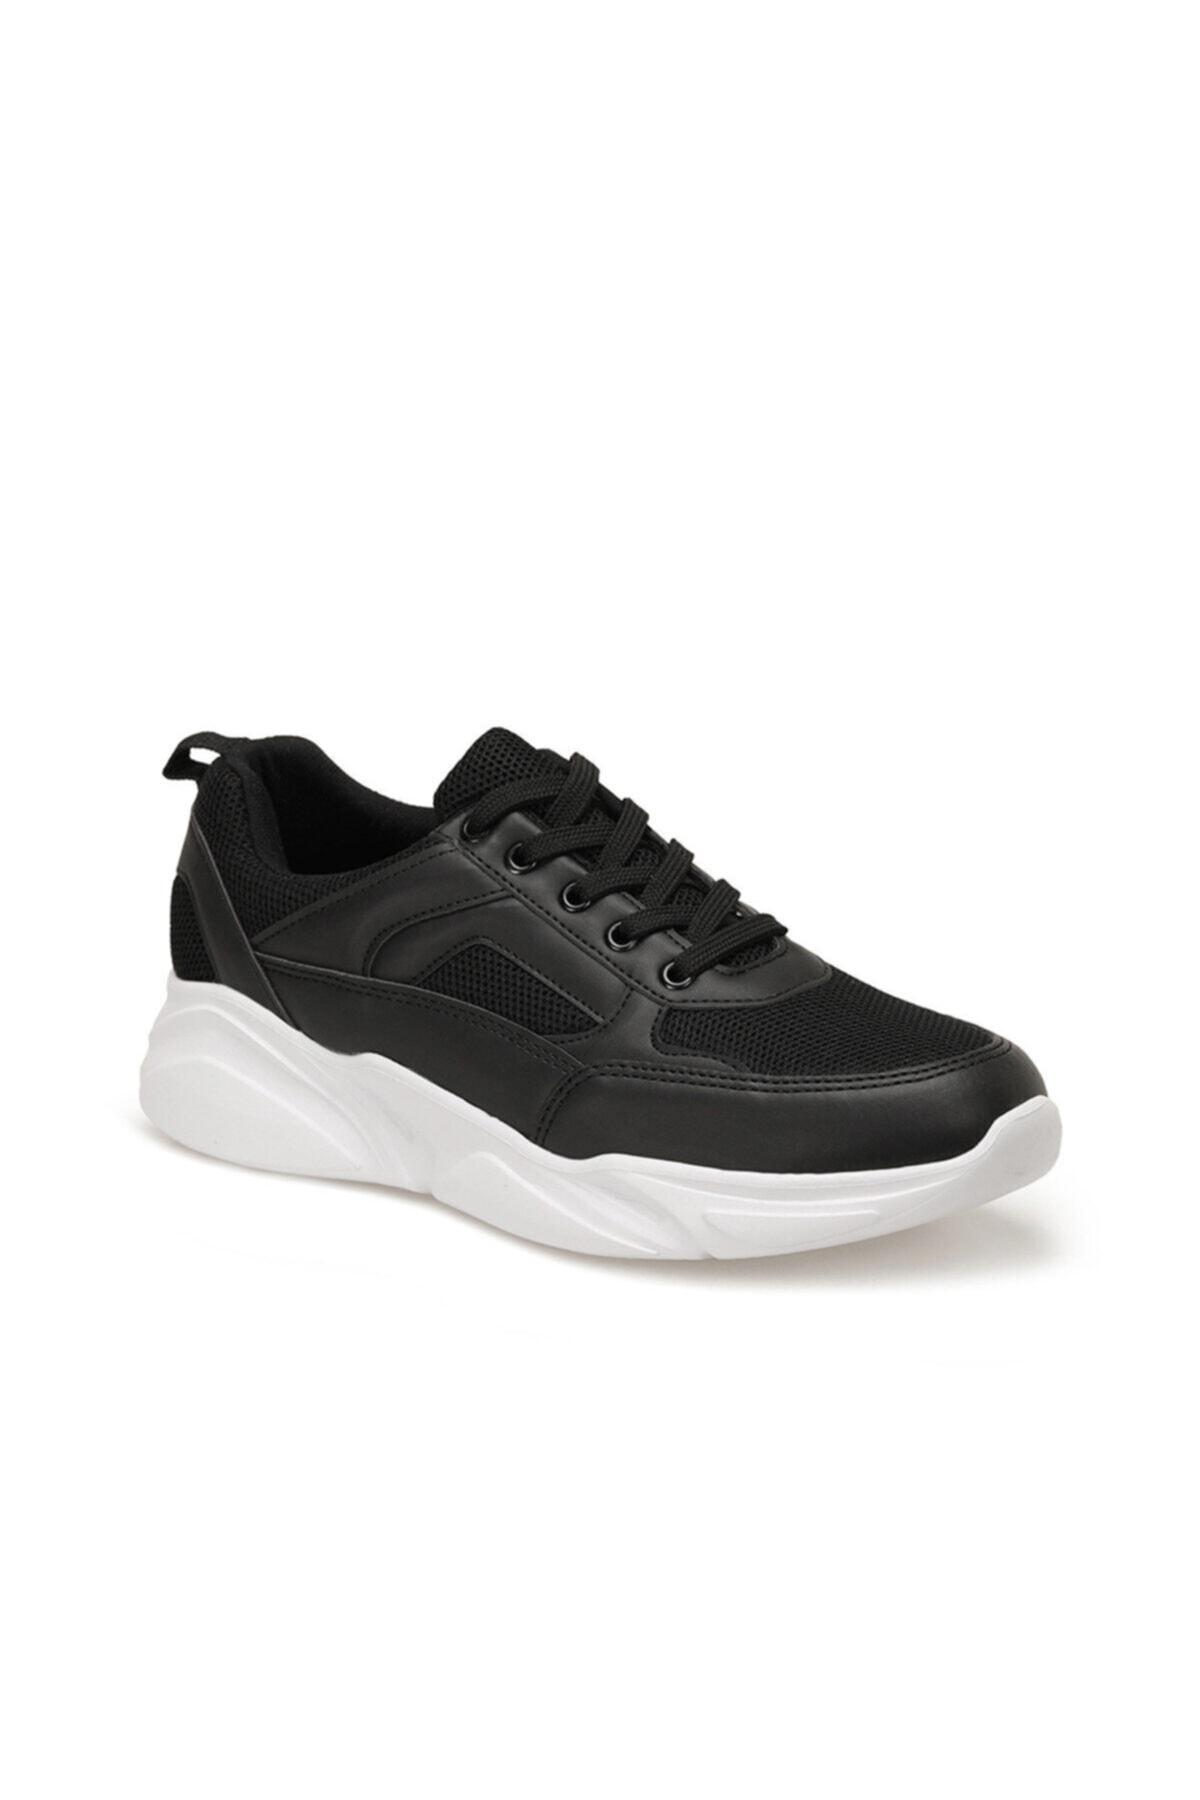 FORESTER EC-1062 Siyah Erkek Ayakkabı 100578440 1